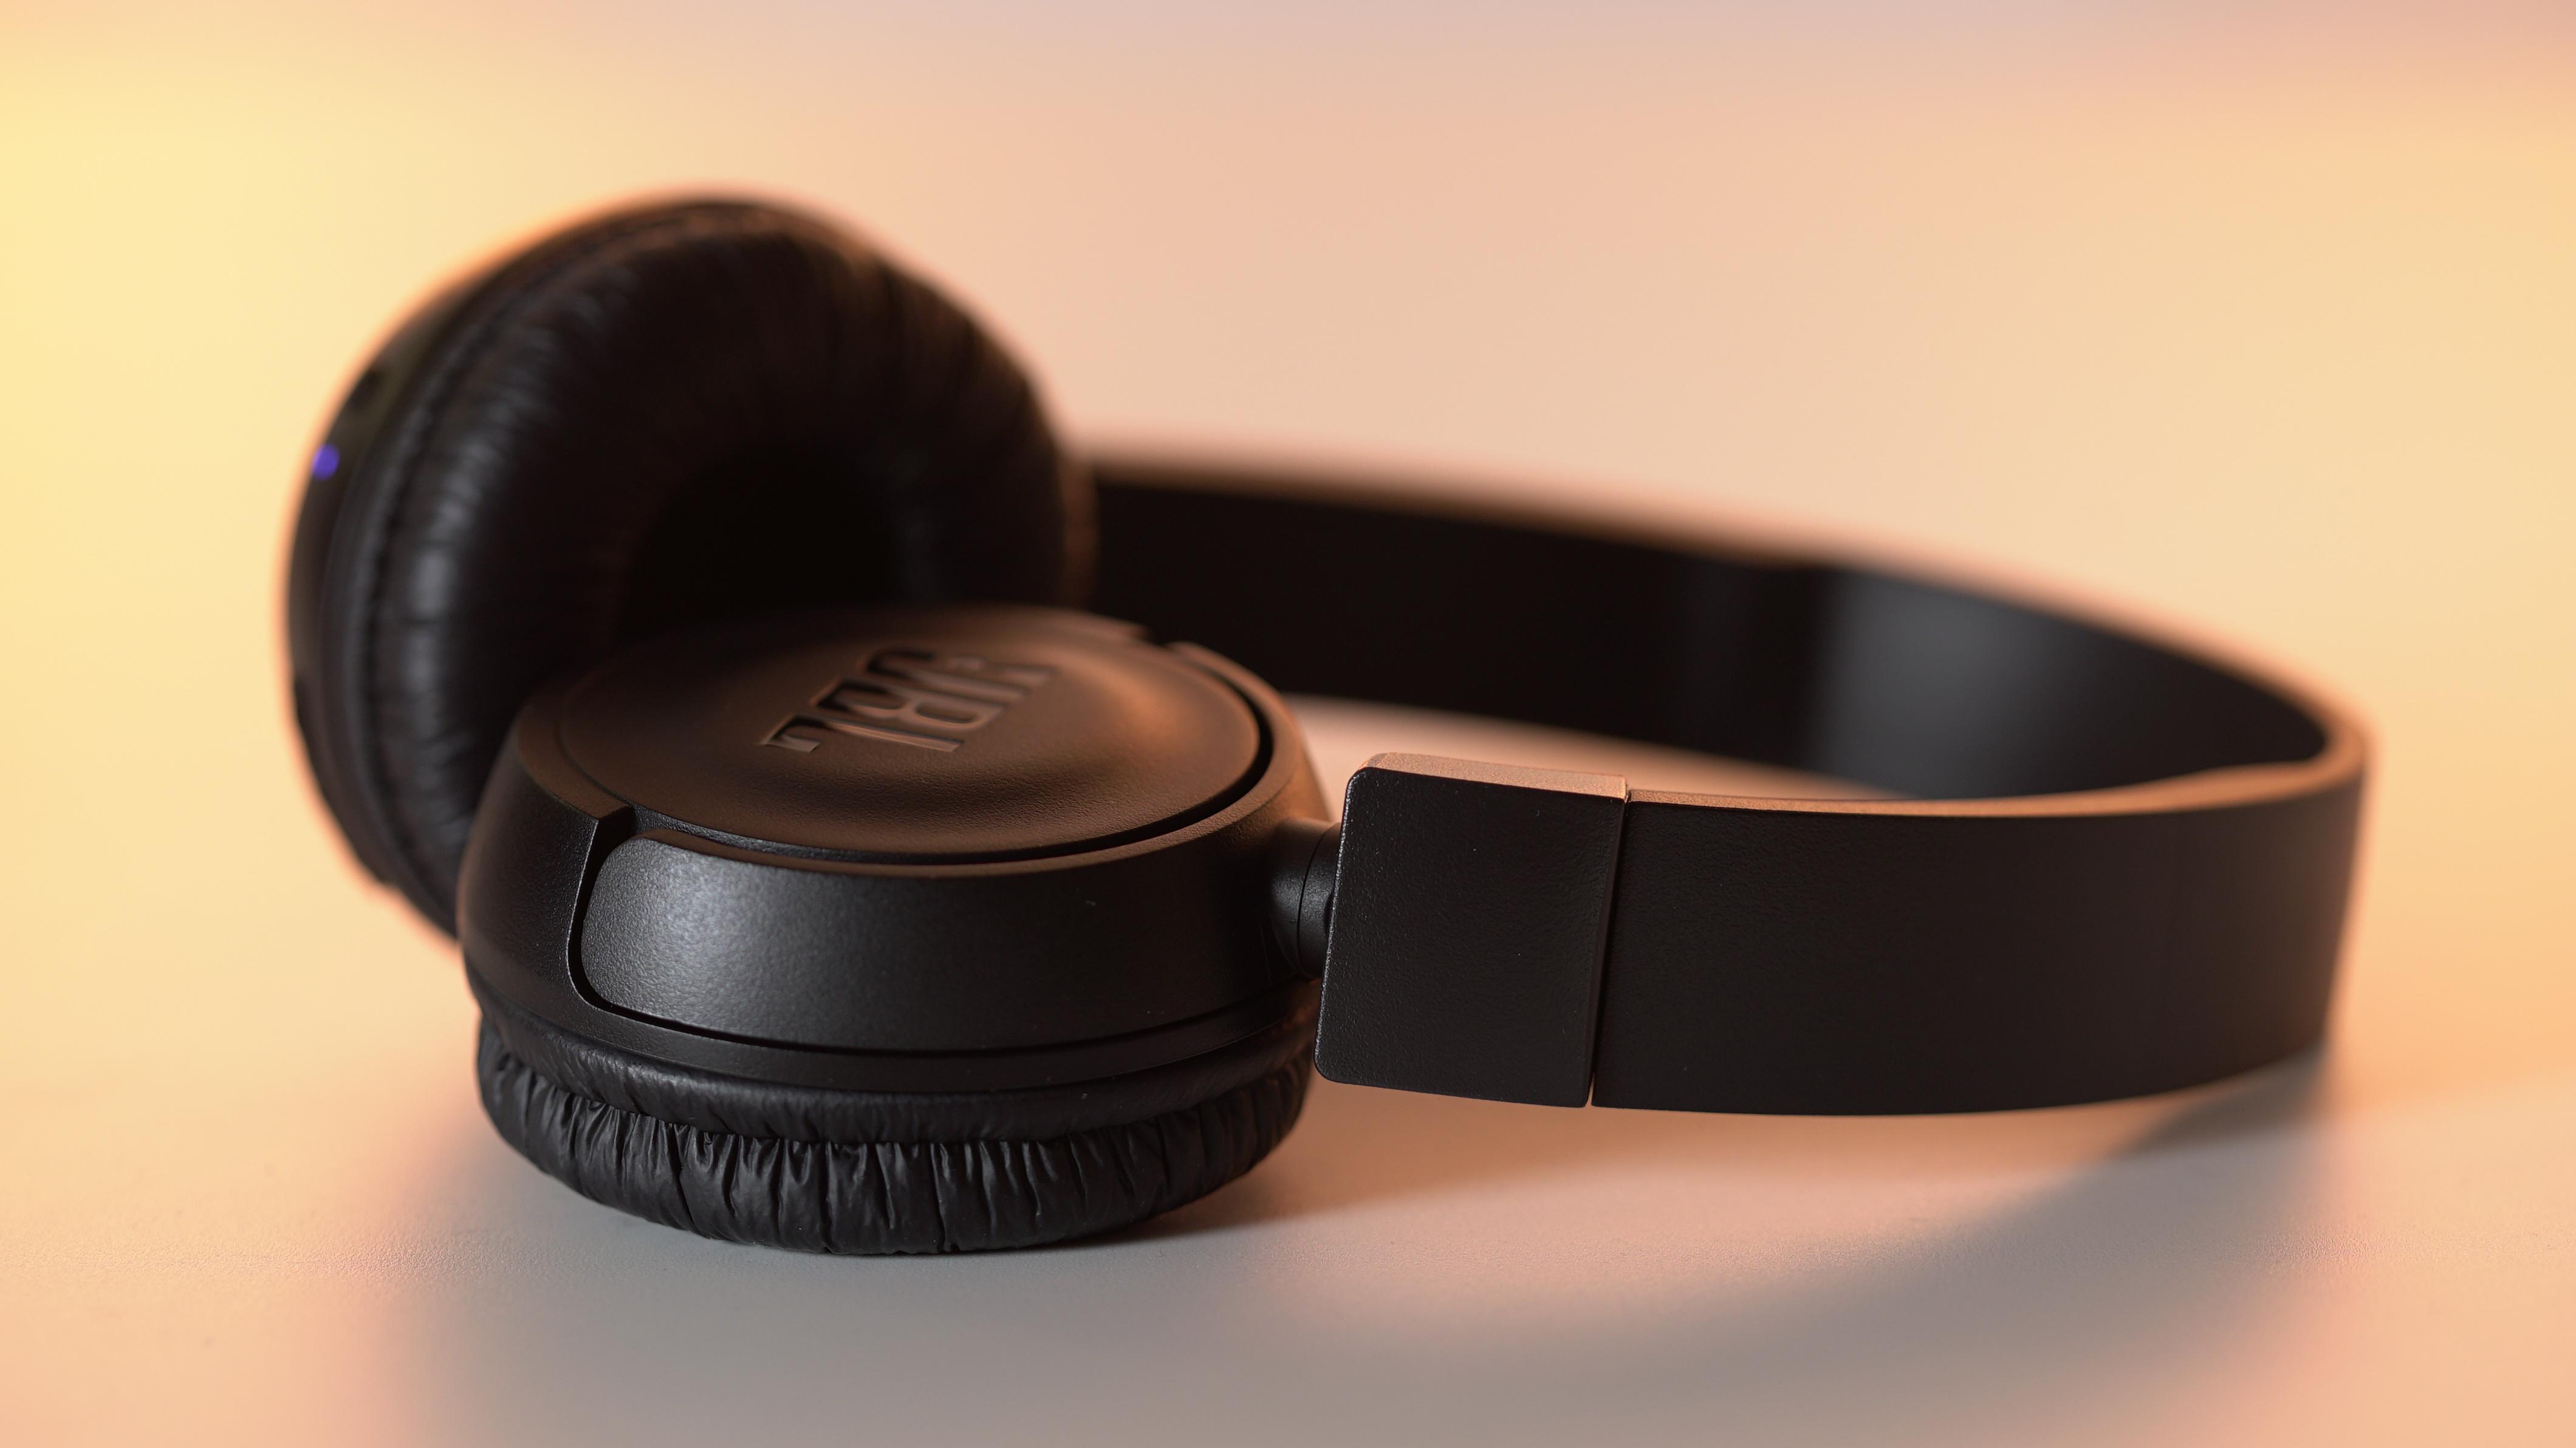 Bluetooth Kopfhrer Jbl T450bt Im Test Lohnt Sich Der Amazon Headphone White 7 Bilder